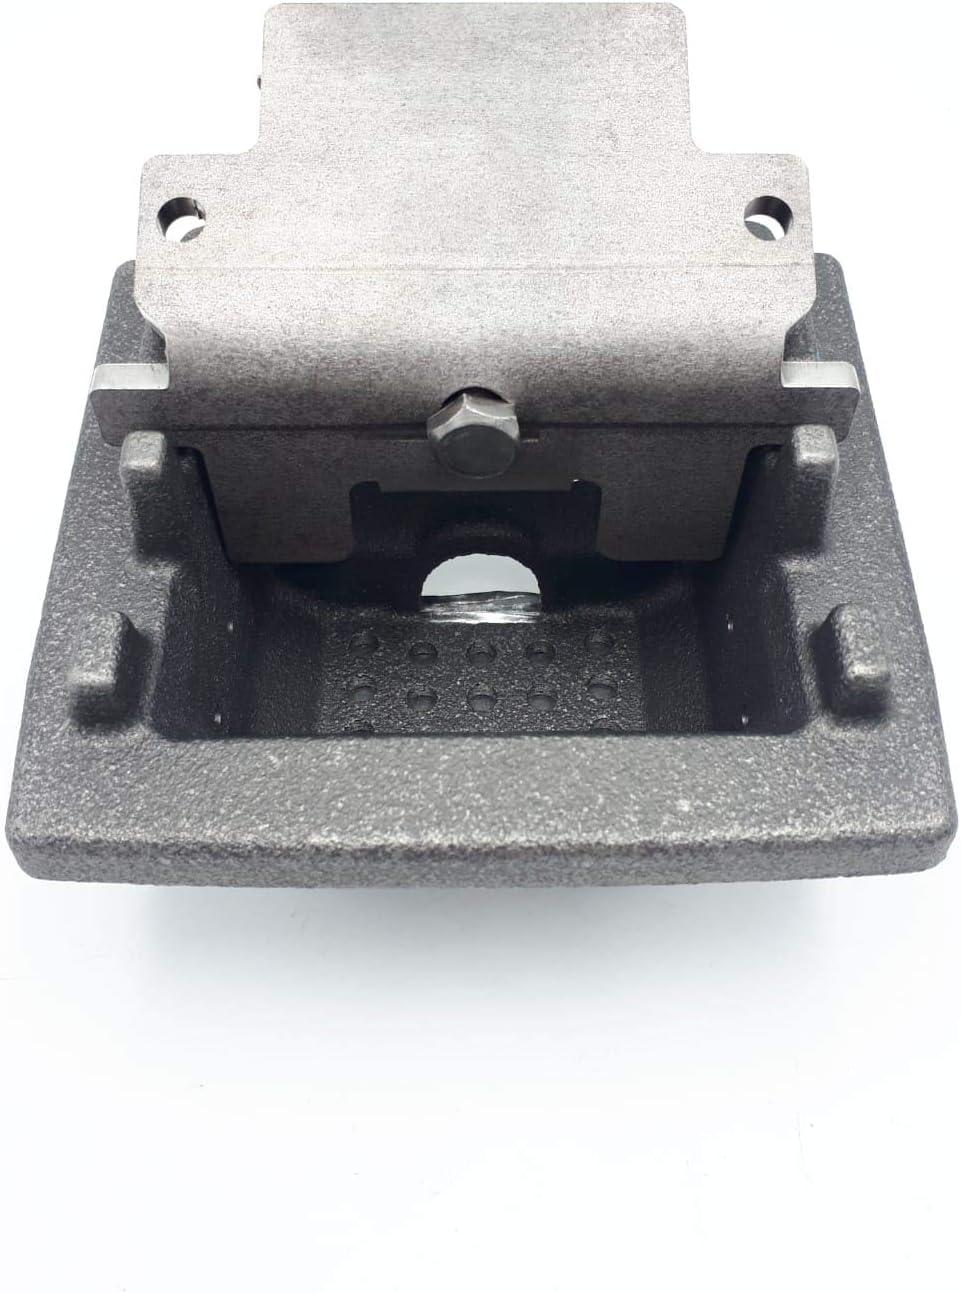 Golpeador para brasero estufas pellet Nordica Extraflame 003277526